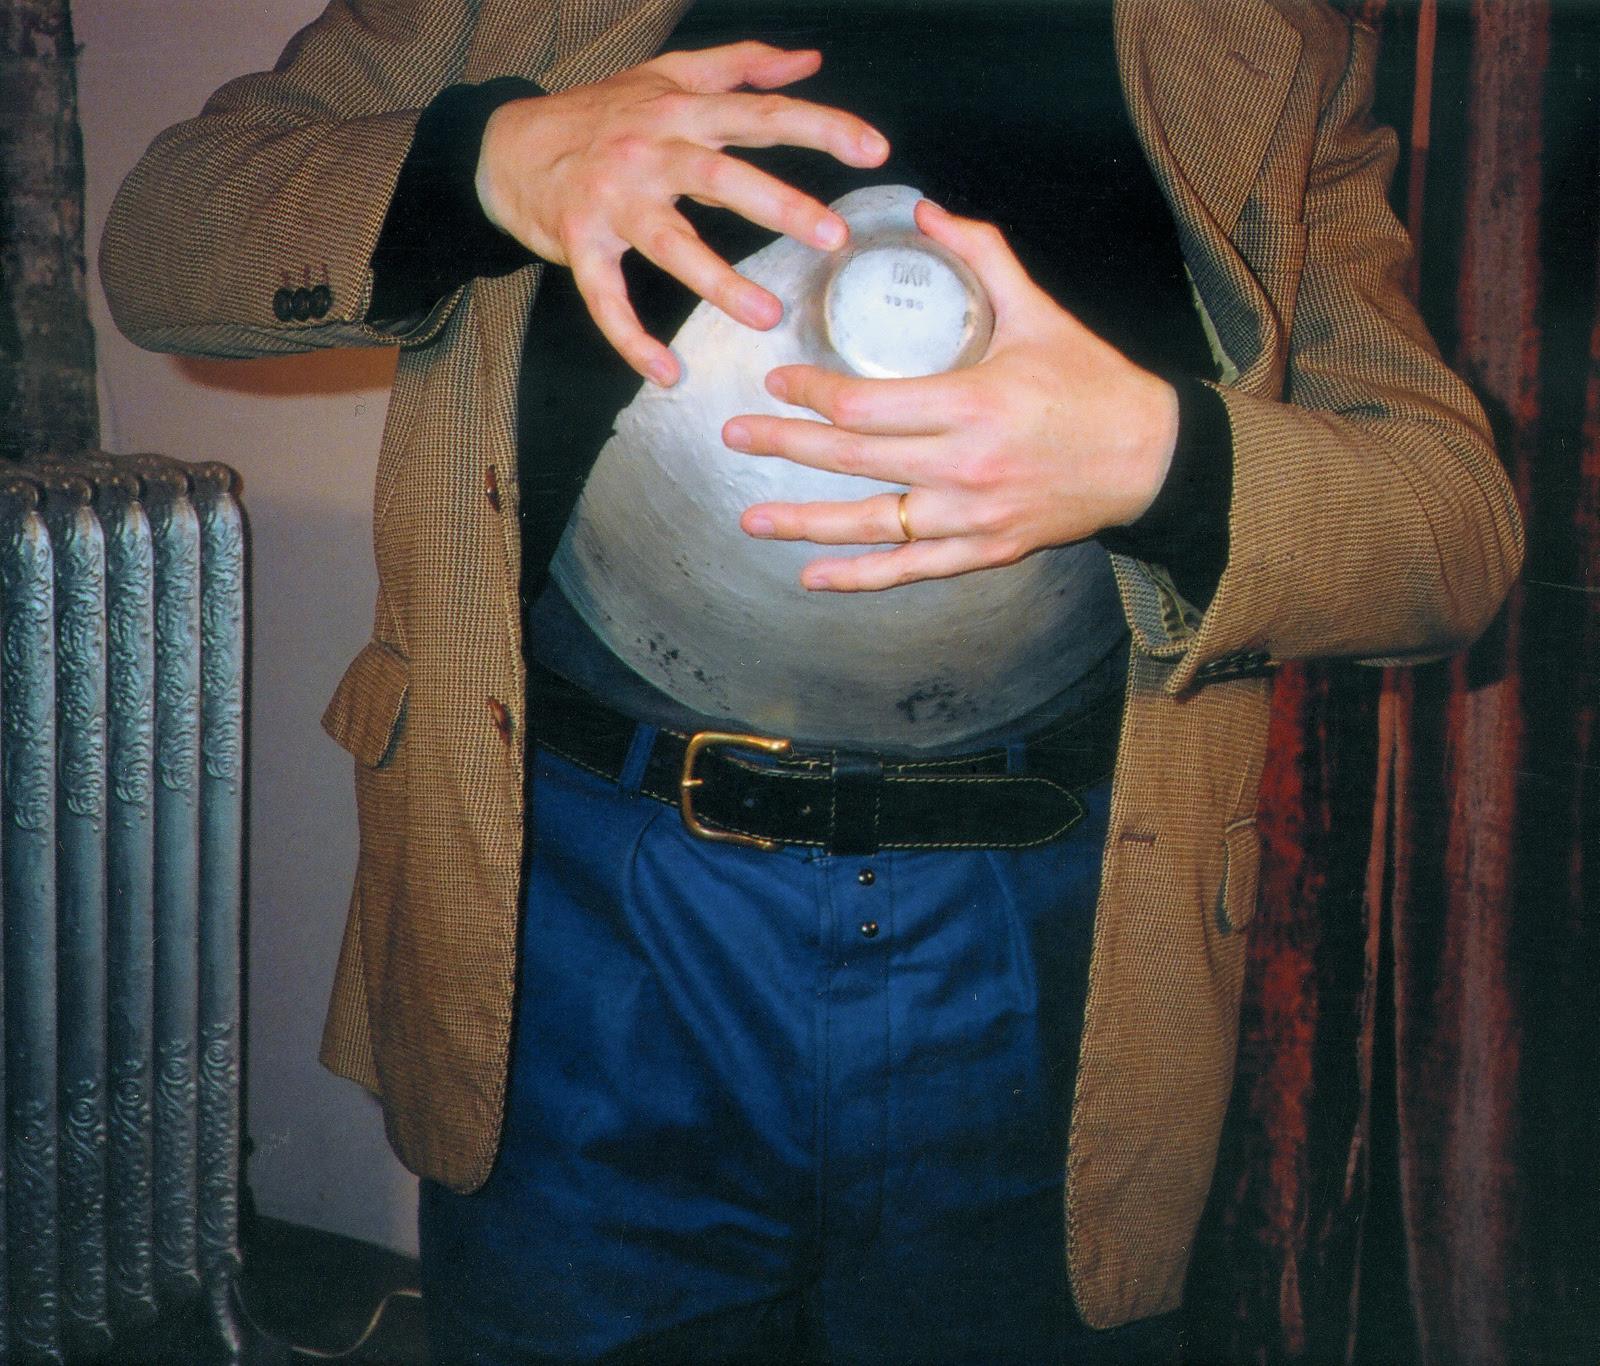 Adrian Dannatt intervention, March 2005, video still, Jungle Red Studios, New York, New York